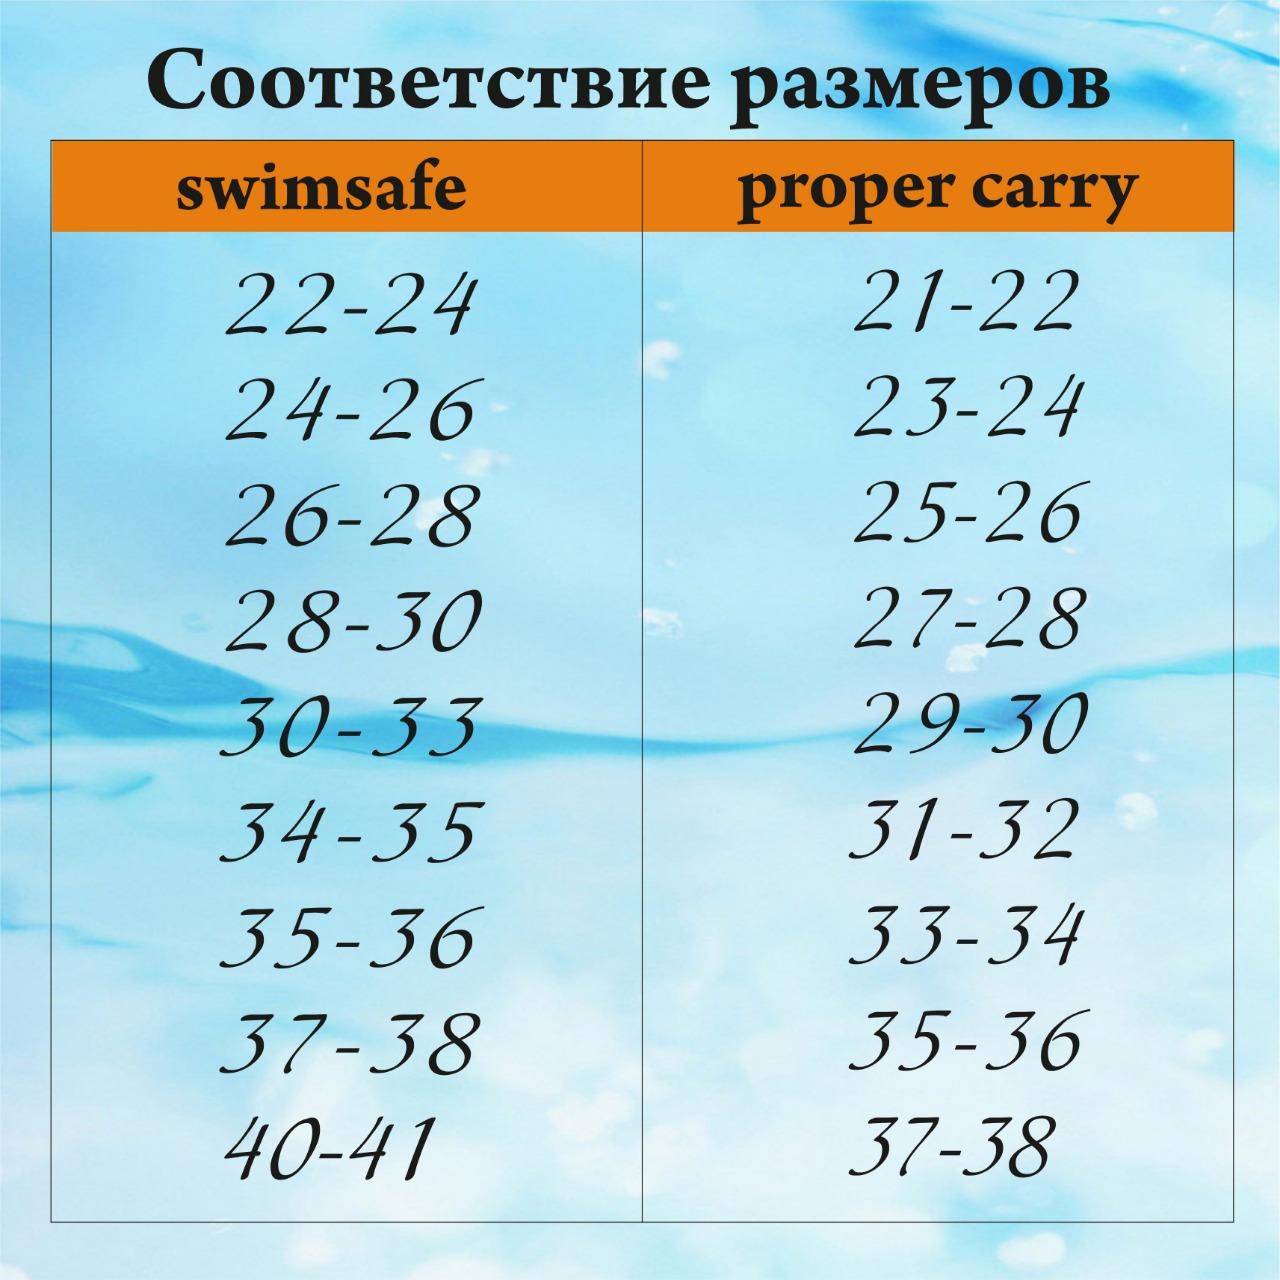 Грудничковые каучуковые ласты для плавания ProperCarry очень маленькие размеры 21-22, 23-24, 25-26, 27-28, 29-30, 31-32, 31-32, 33-34, 35-36, - фото 13